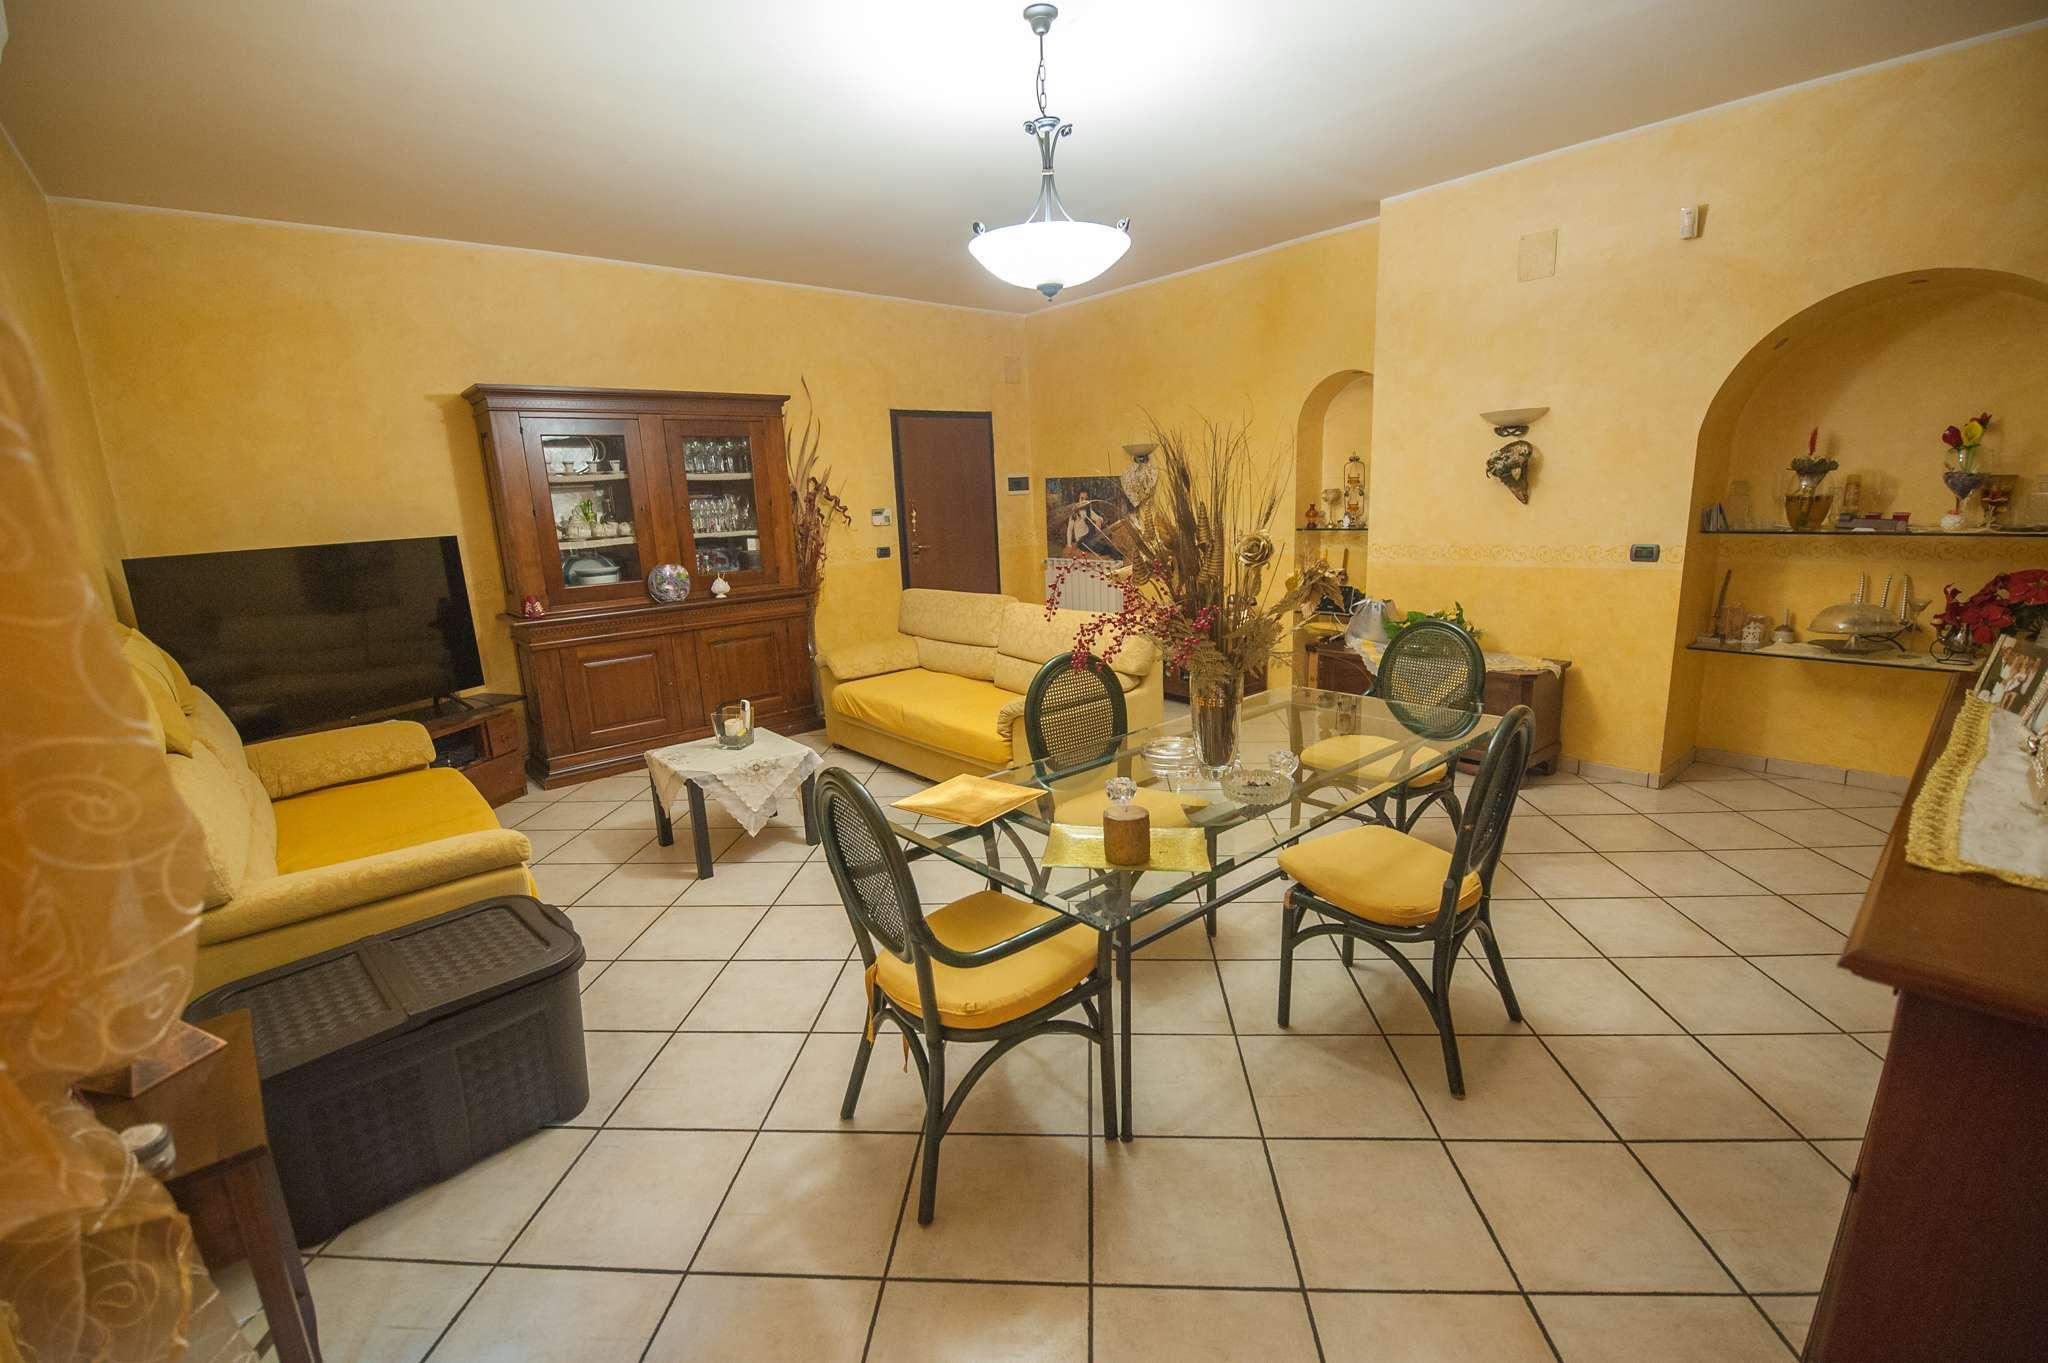 Appartamento in vendita a Catania, 5 locali, prezzo € 239.000 | PortaleAgenzieImmobiliari.it